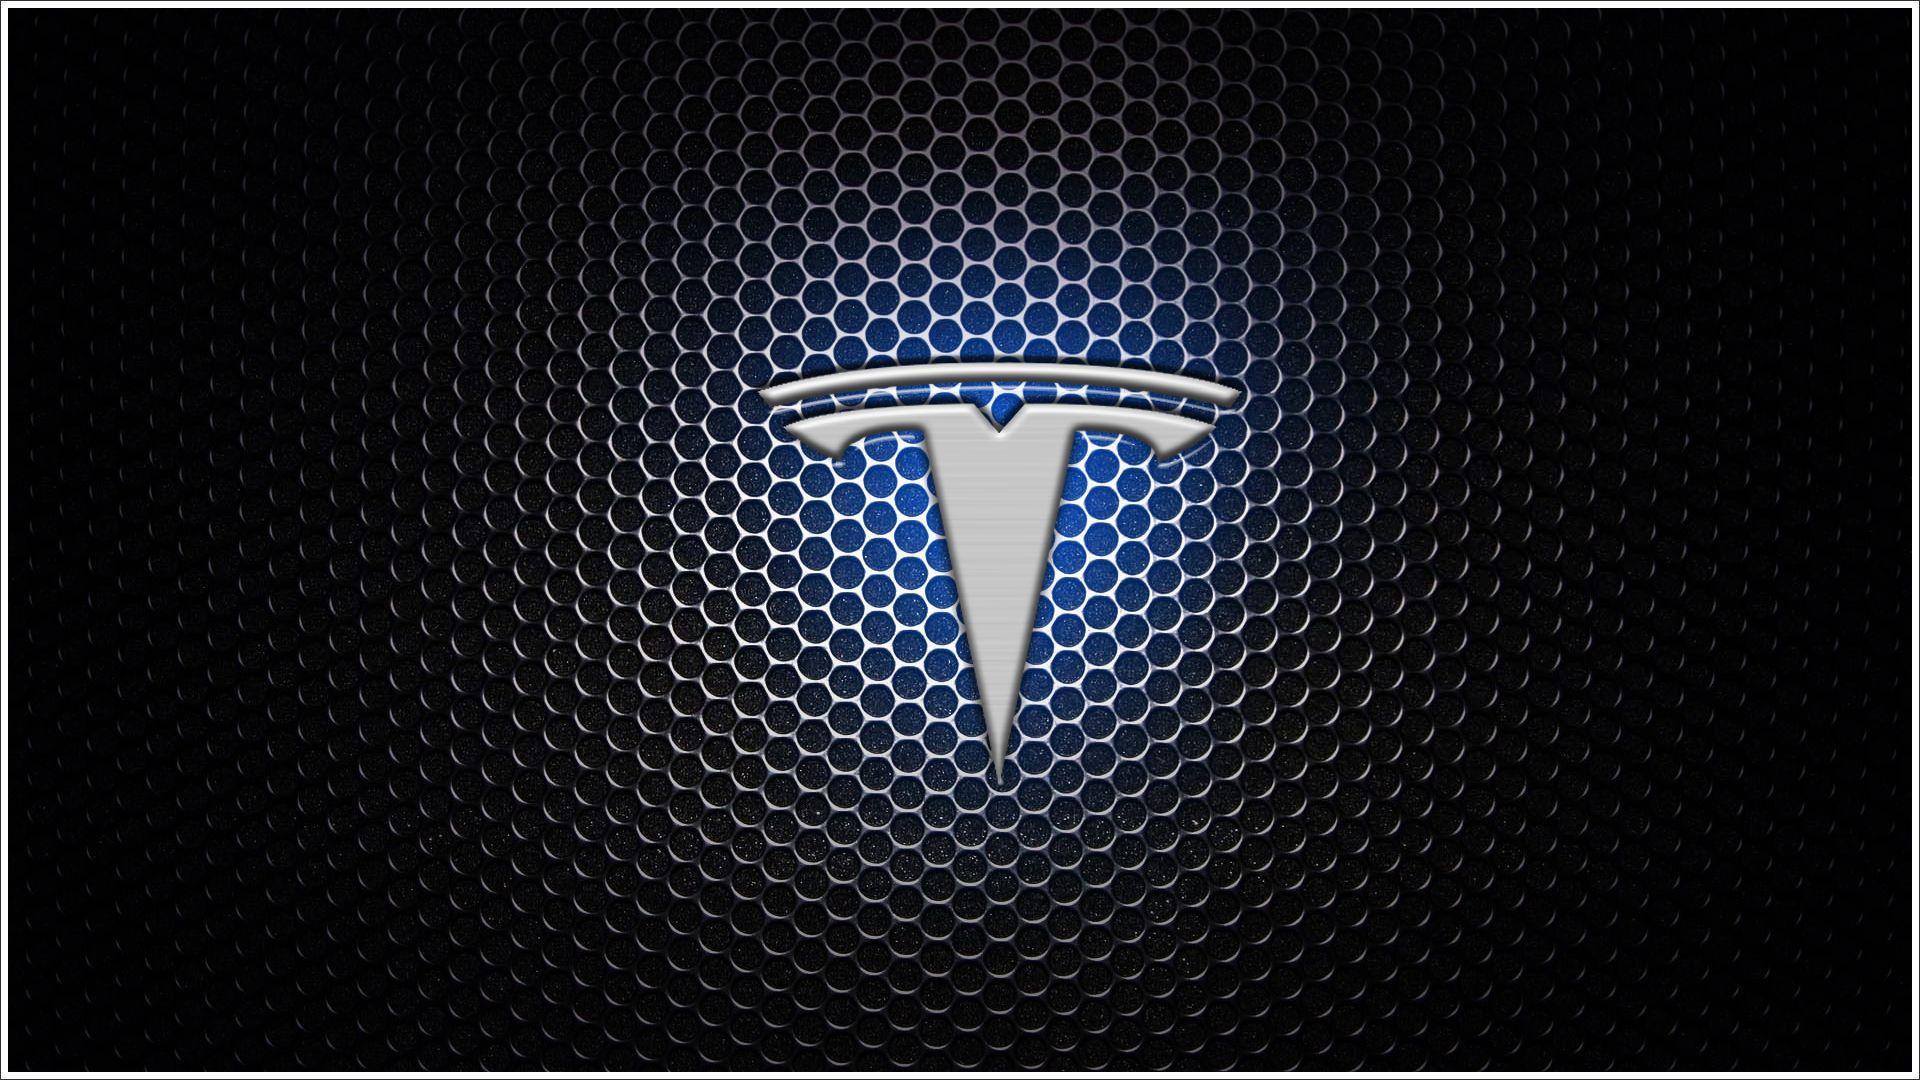 Tesla Logo HD iPhone Wallpapers - Top Free Tesla Logo HD ...